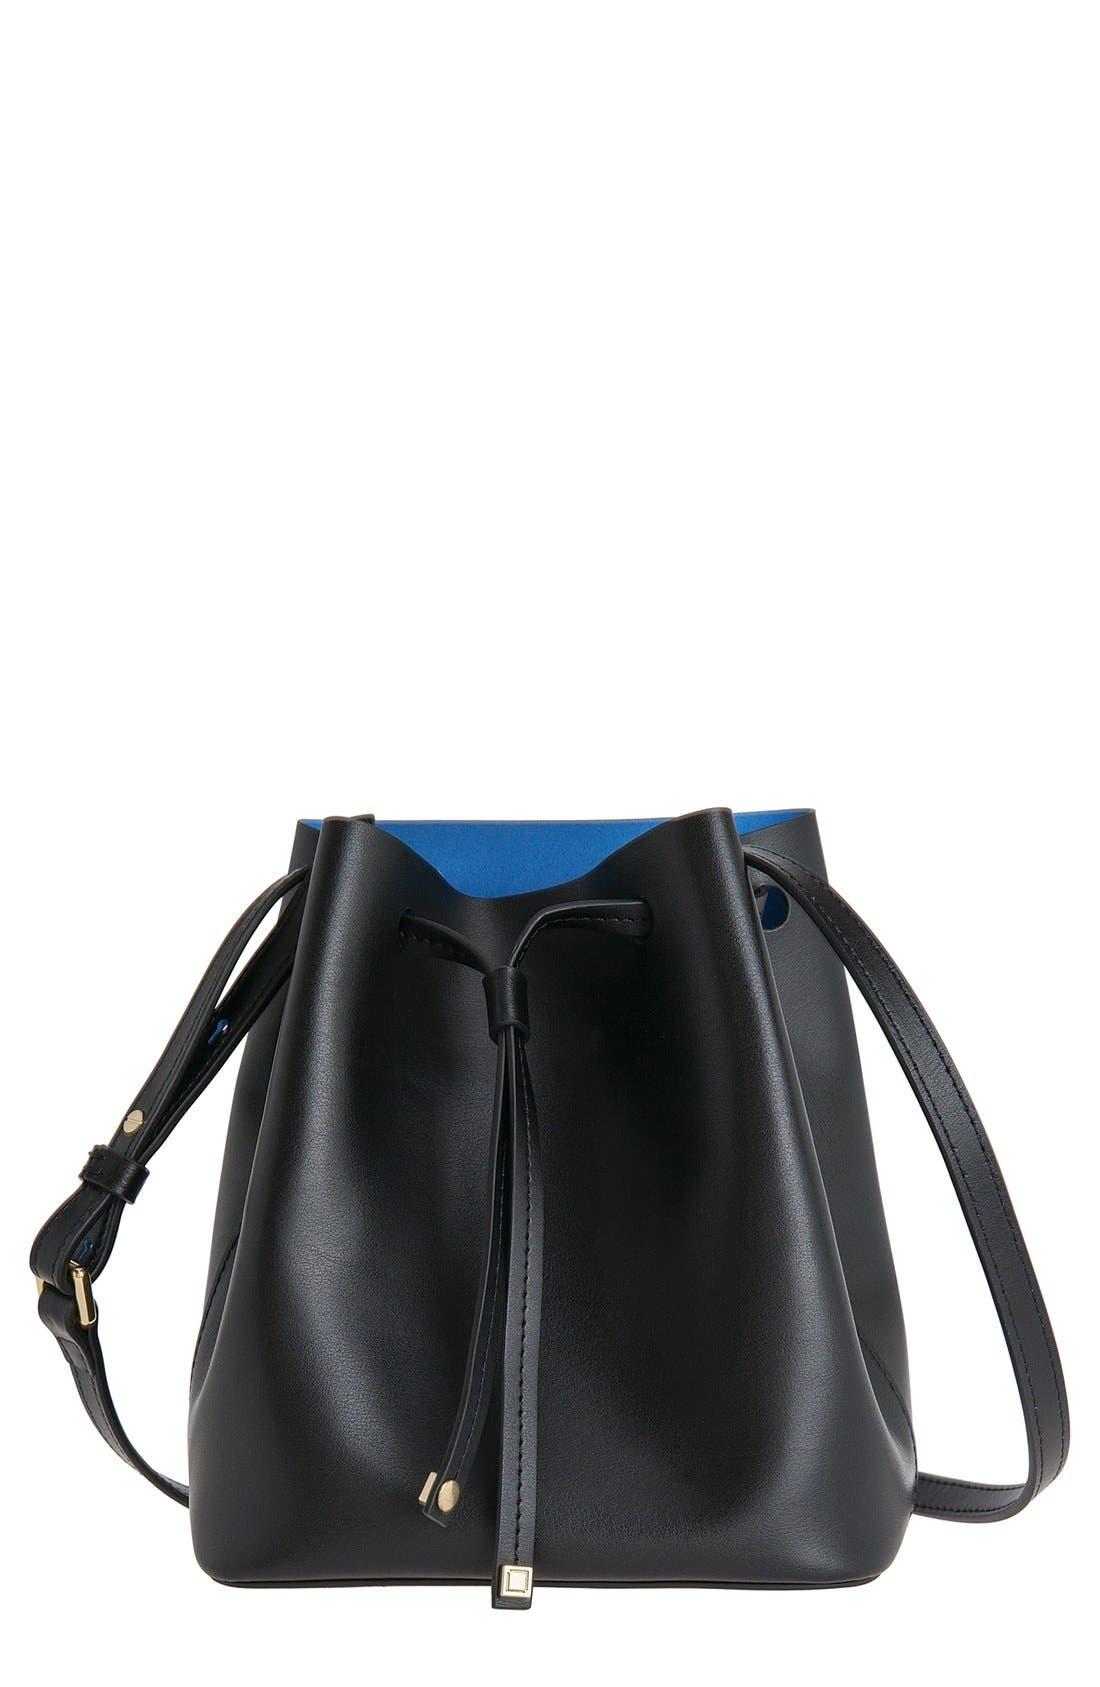 Lodis 'Small Blake' Drawstring Bucket Bag,                             Main thumbnail 1, color,                             001